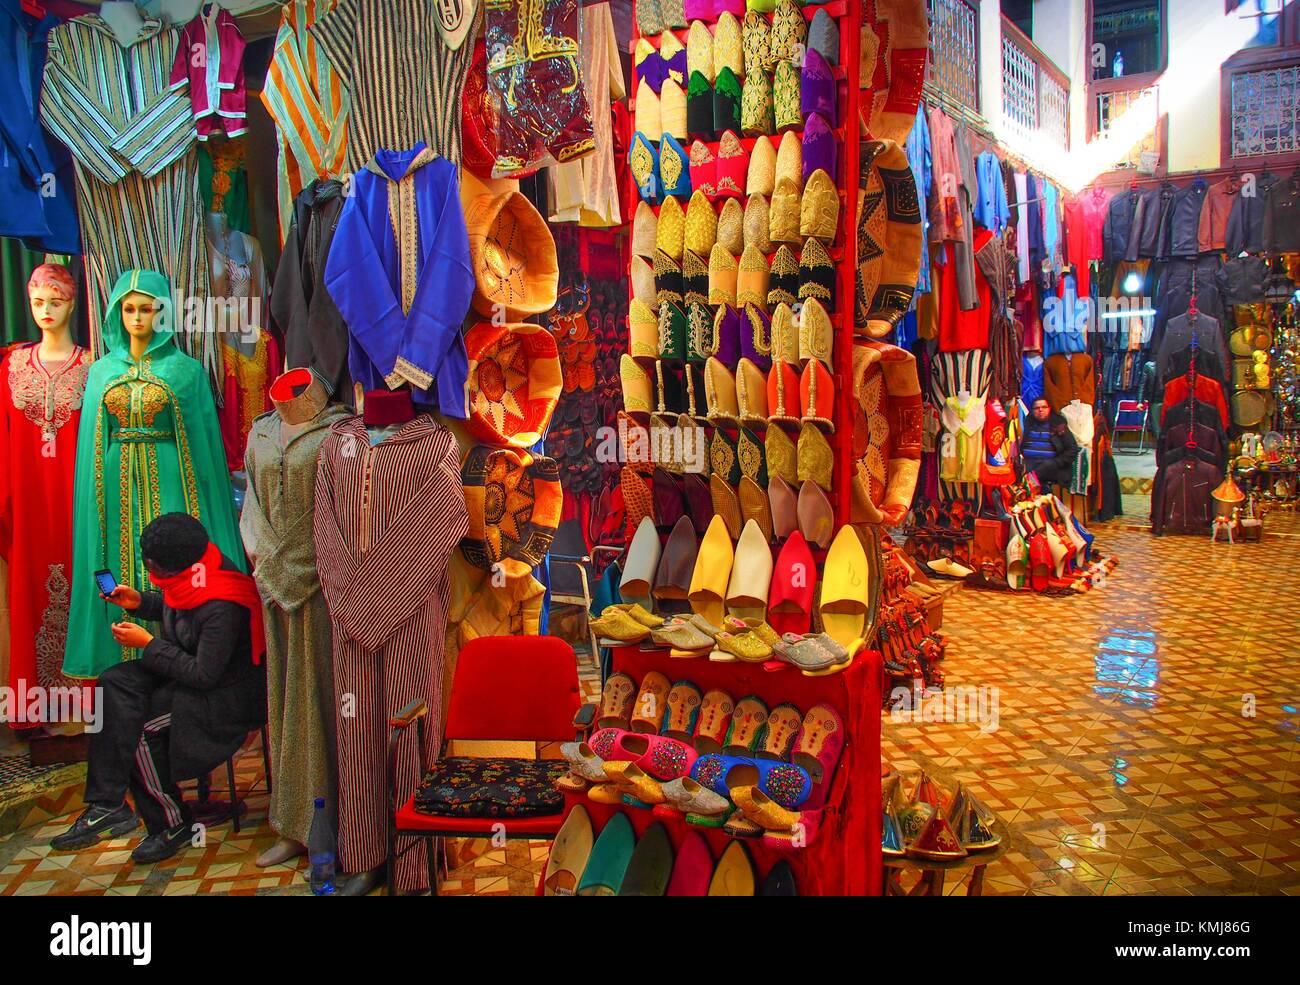 Maroc, Fès, dans l'un des nombreux souk de la ''Medina'' (partie ancienne) de Fès. Photo Stock